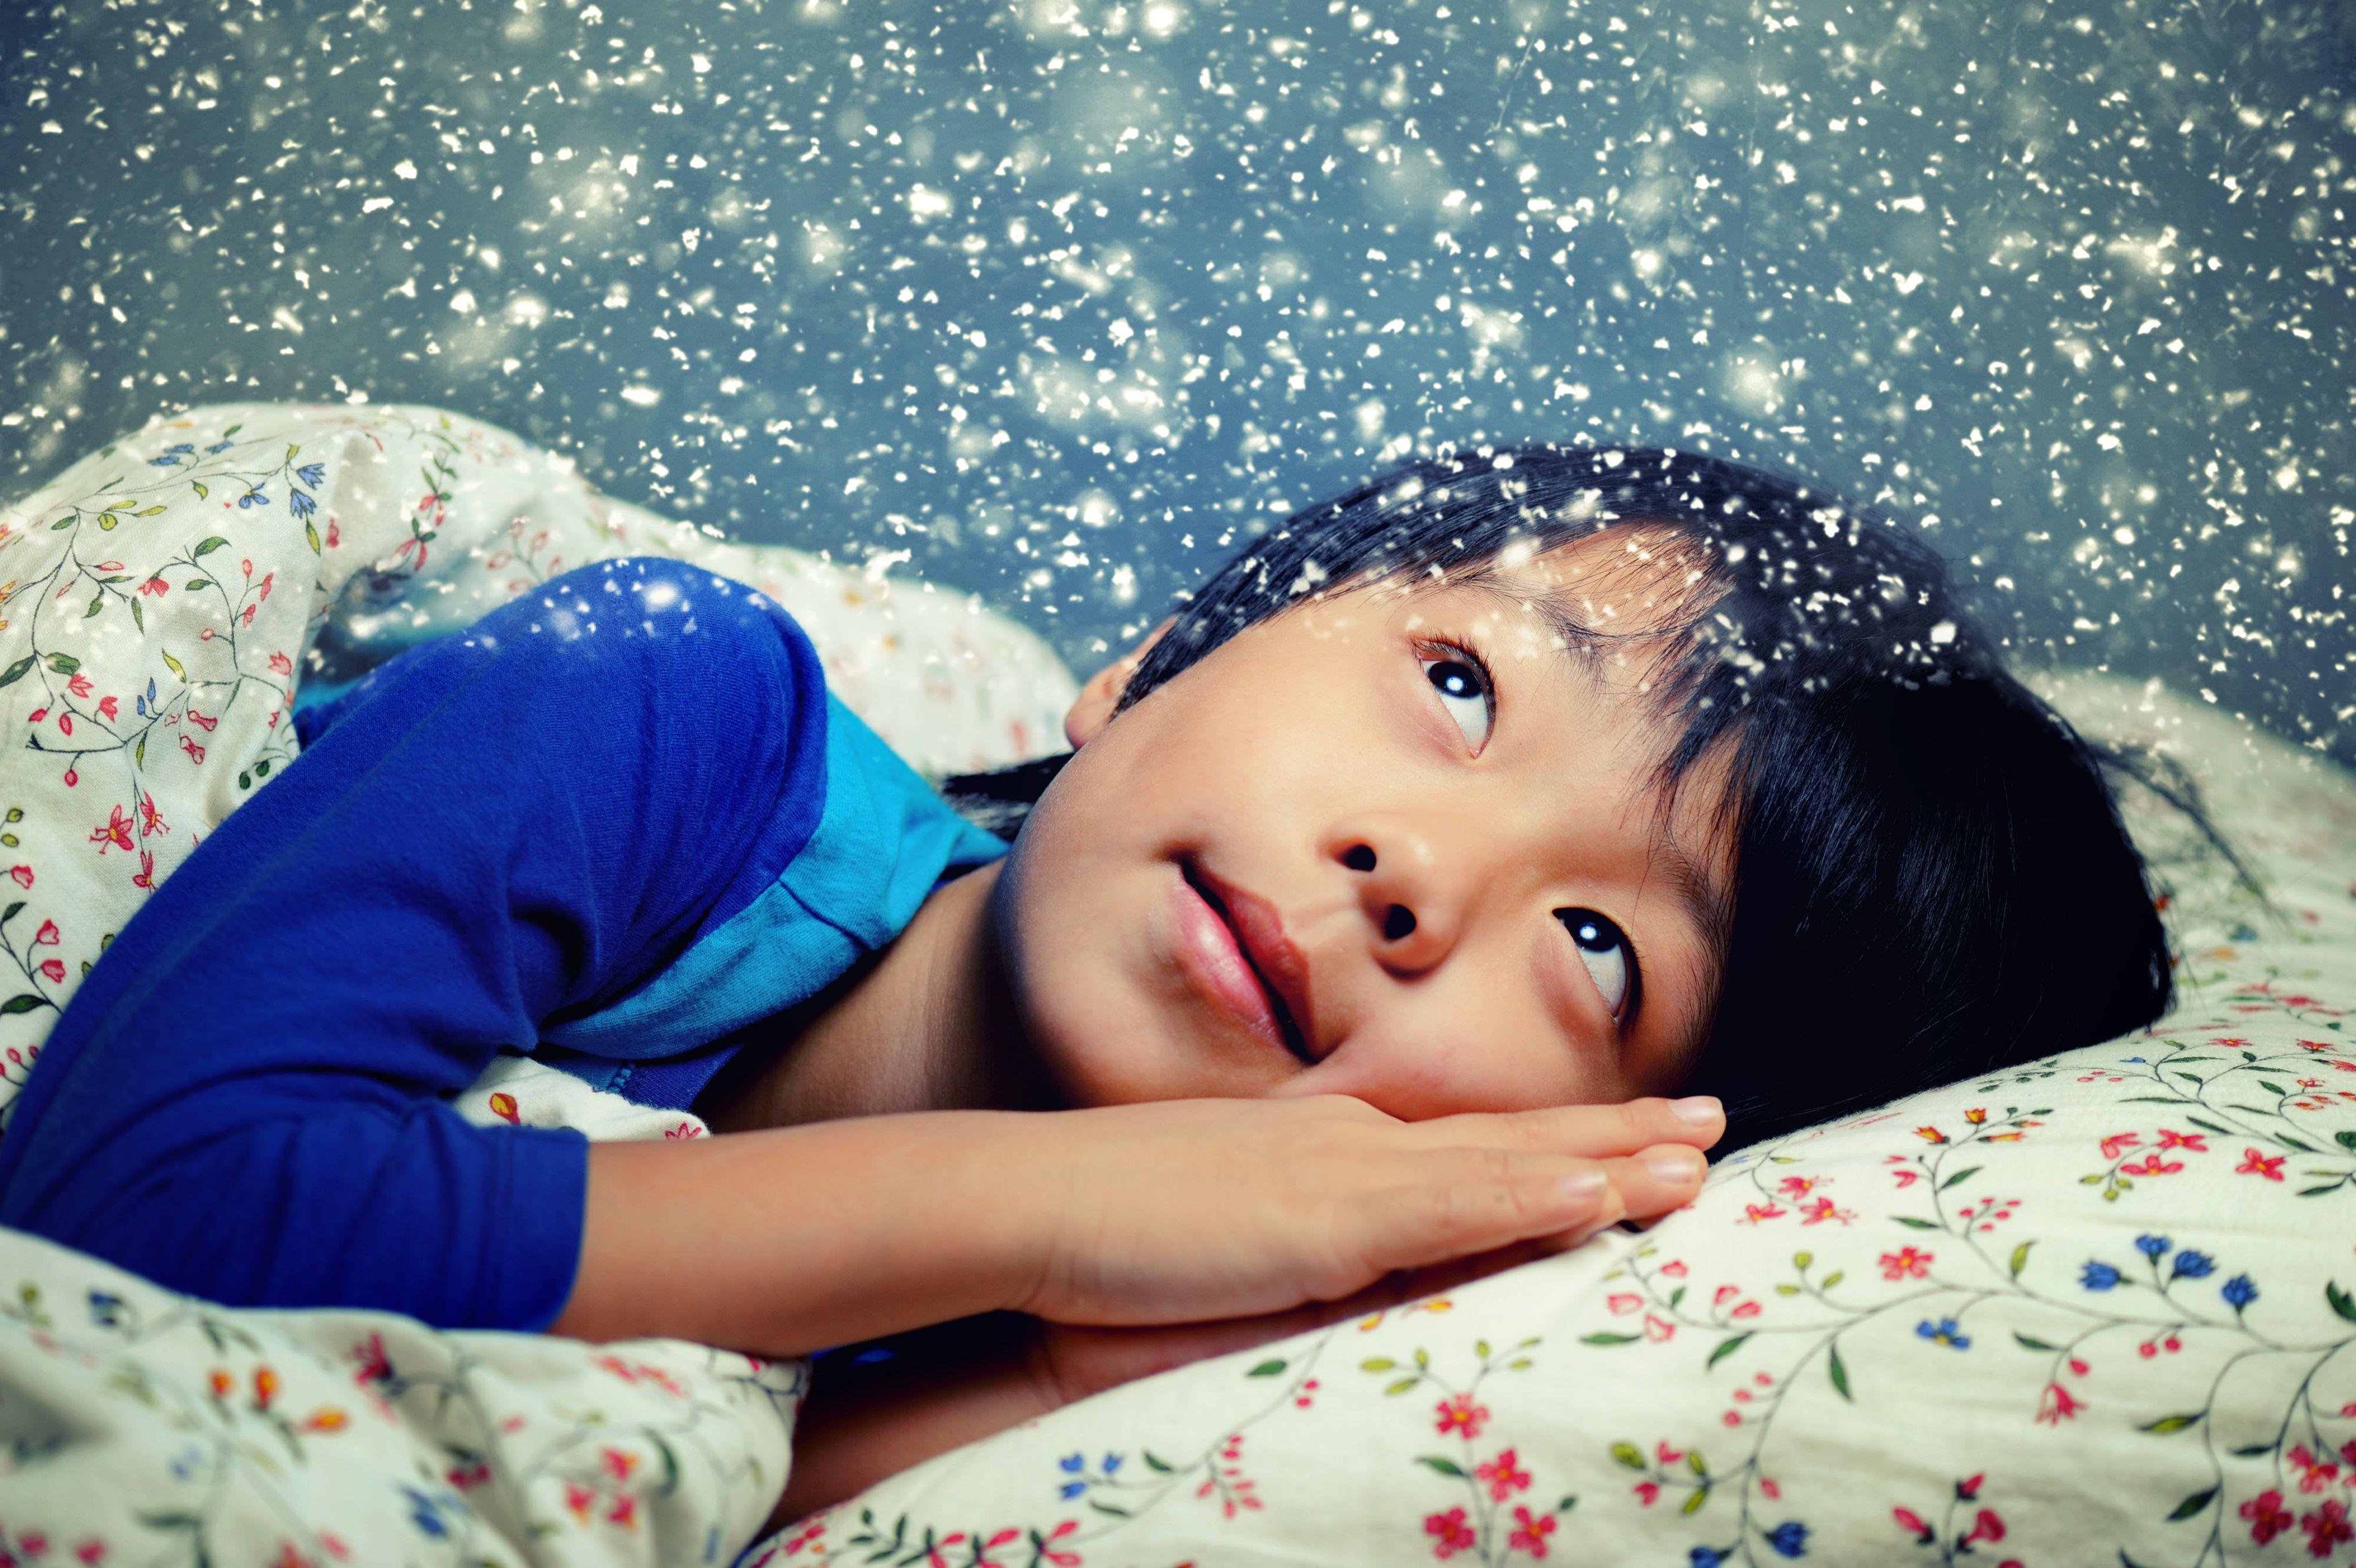 La oss drømme litt høyt.